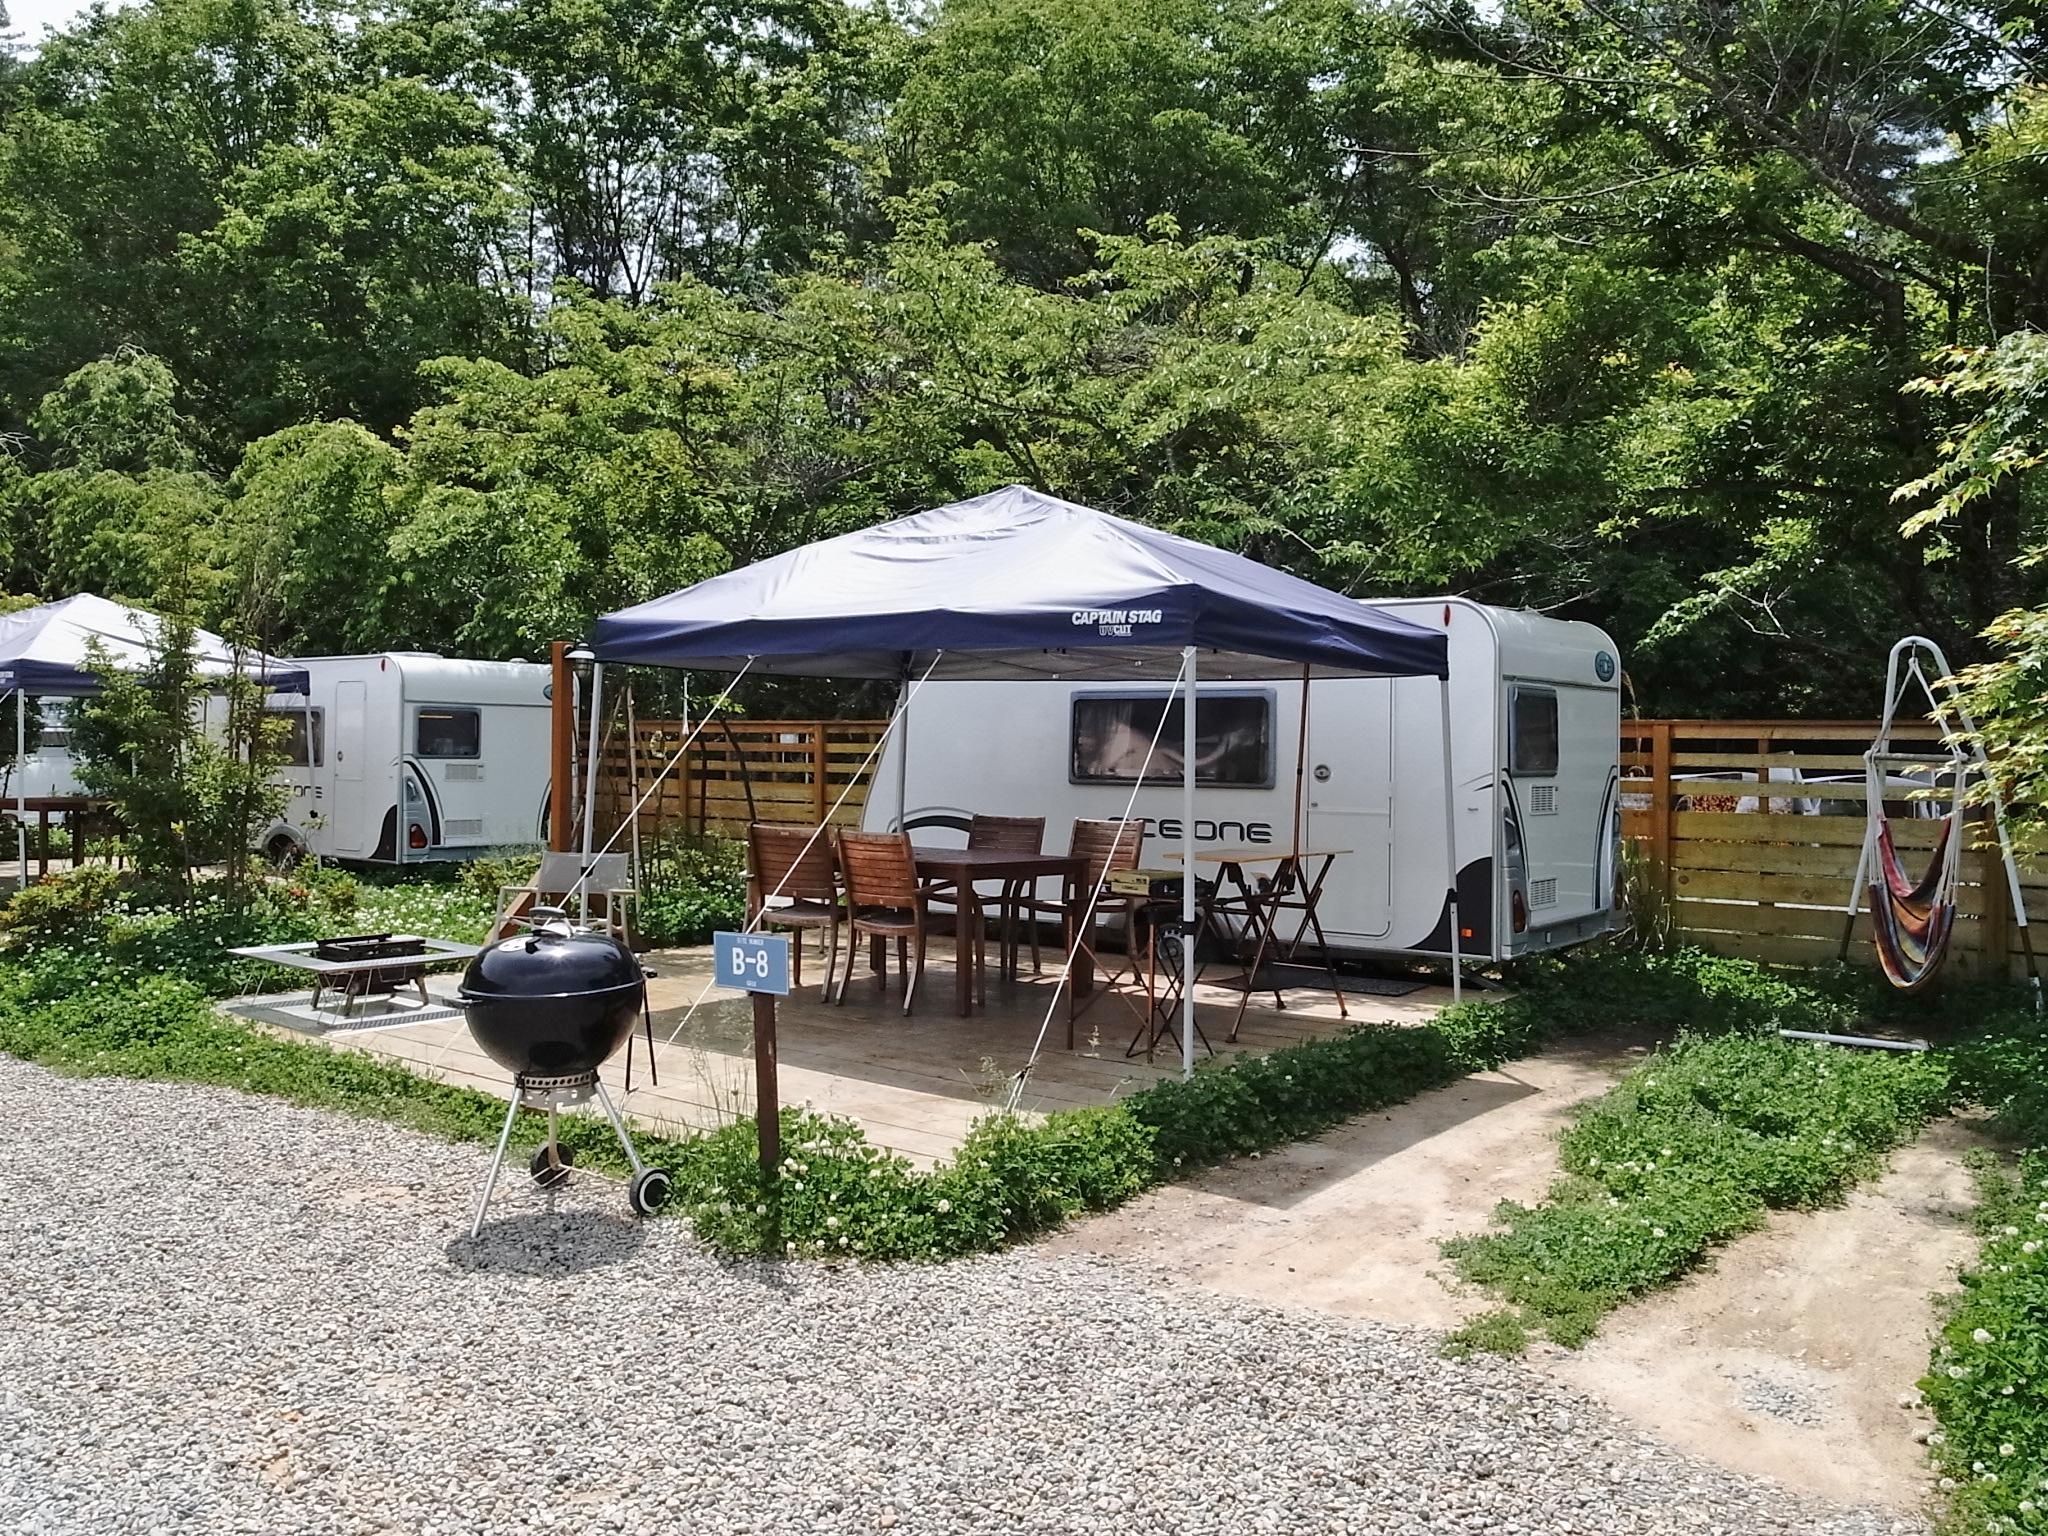 キャンプサイトは、7つの施設から選べます。これはトレーラータイプ。